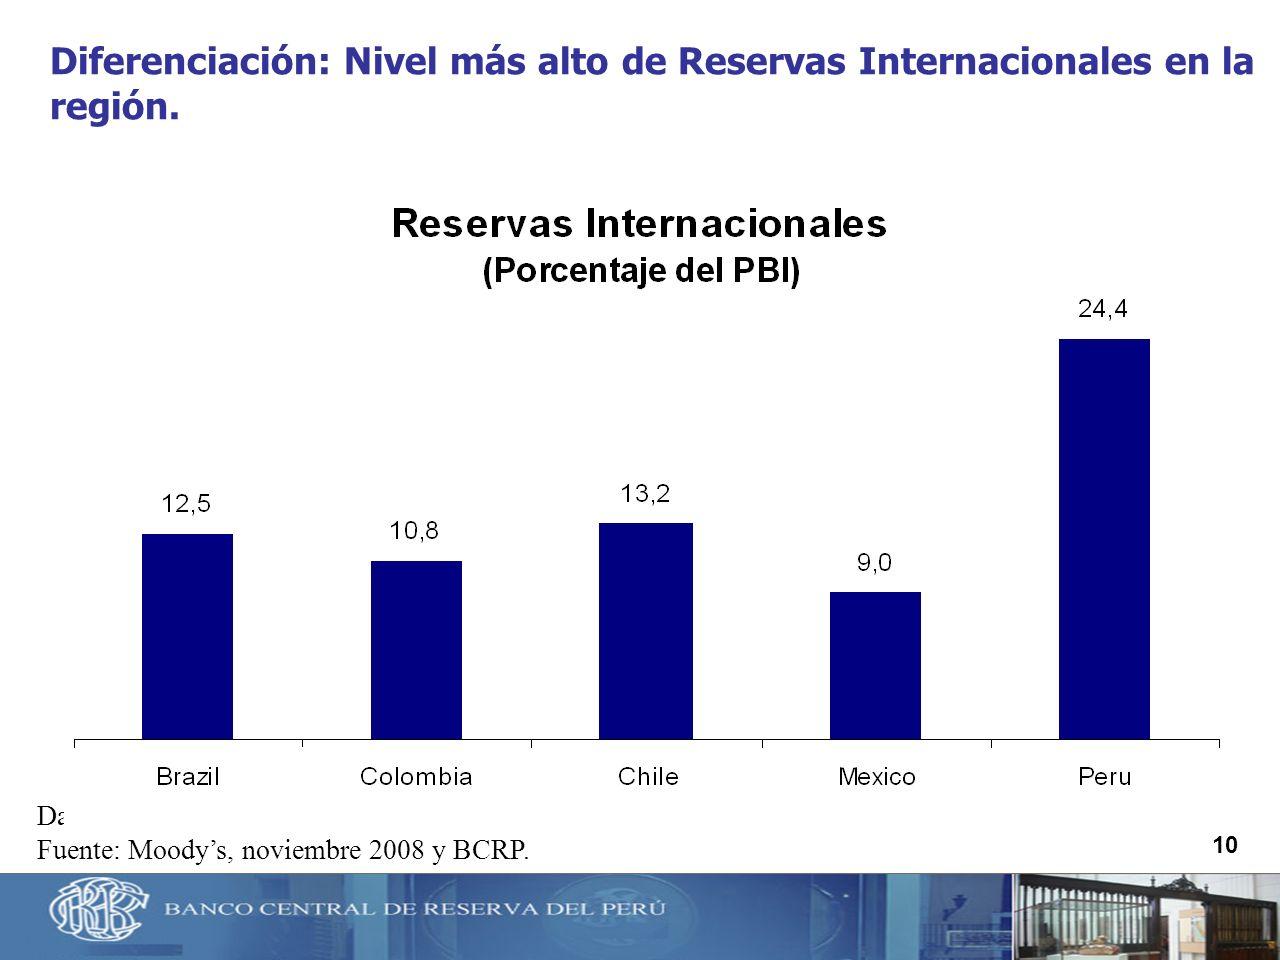 Diferenciación: Nivel más alto de Reservas Internacionales en la región.